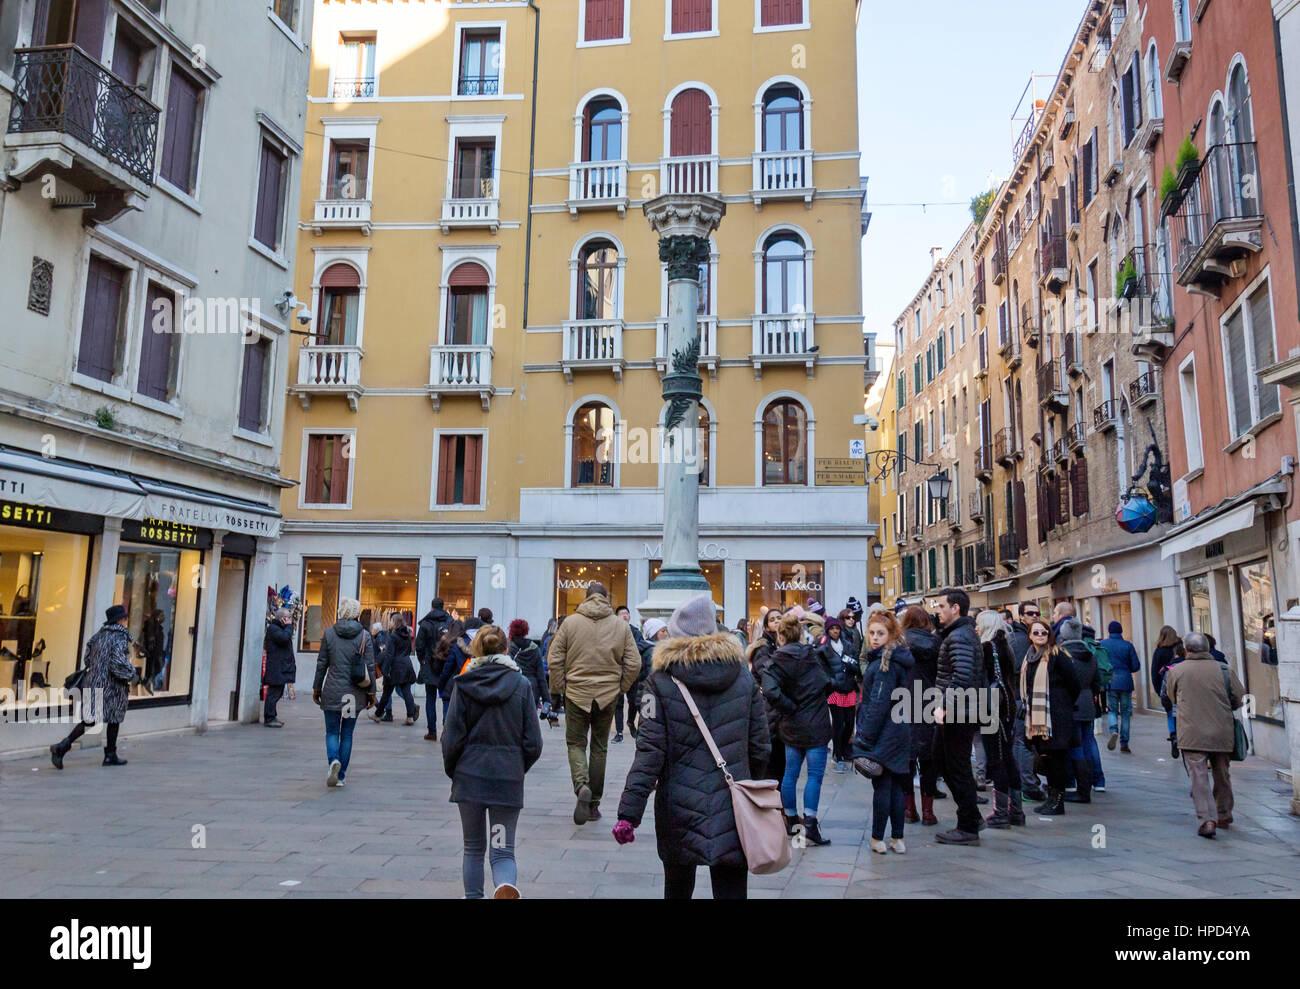 Balades autour de touristes à Venise, Italie. Photo Stock